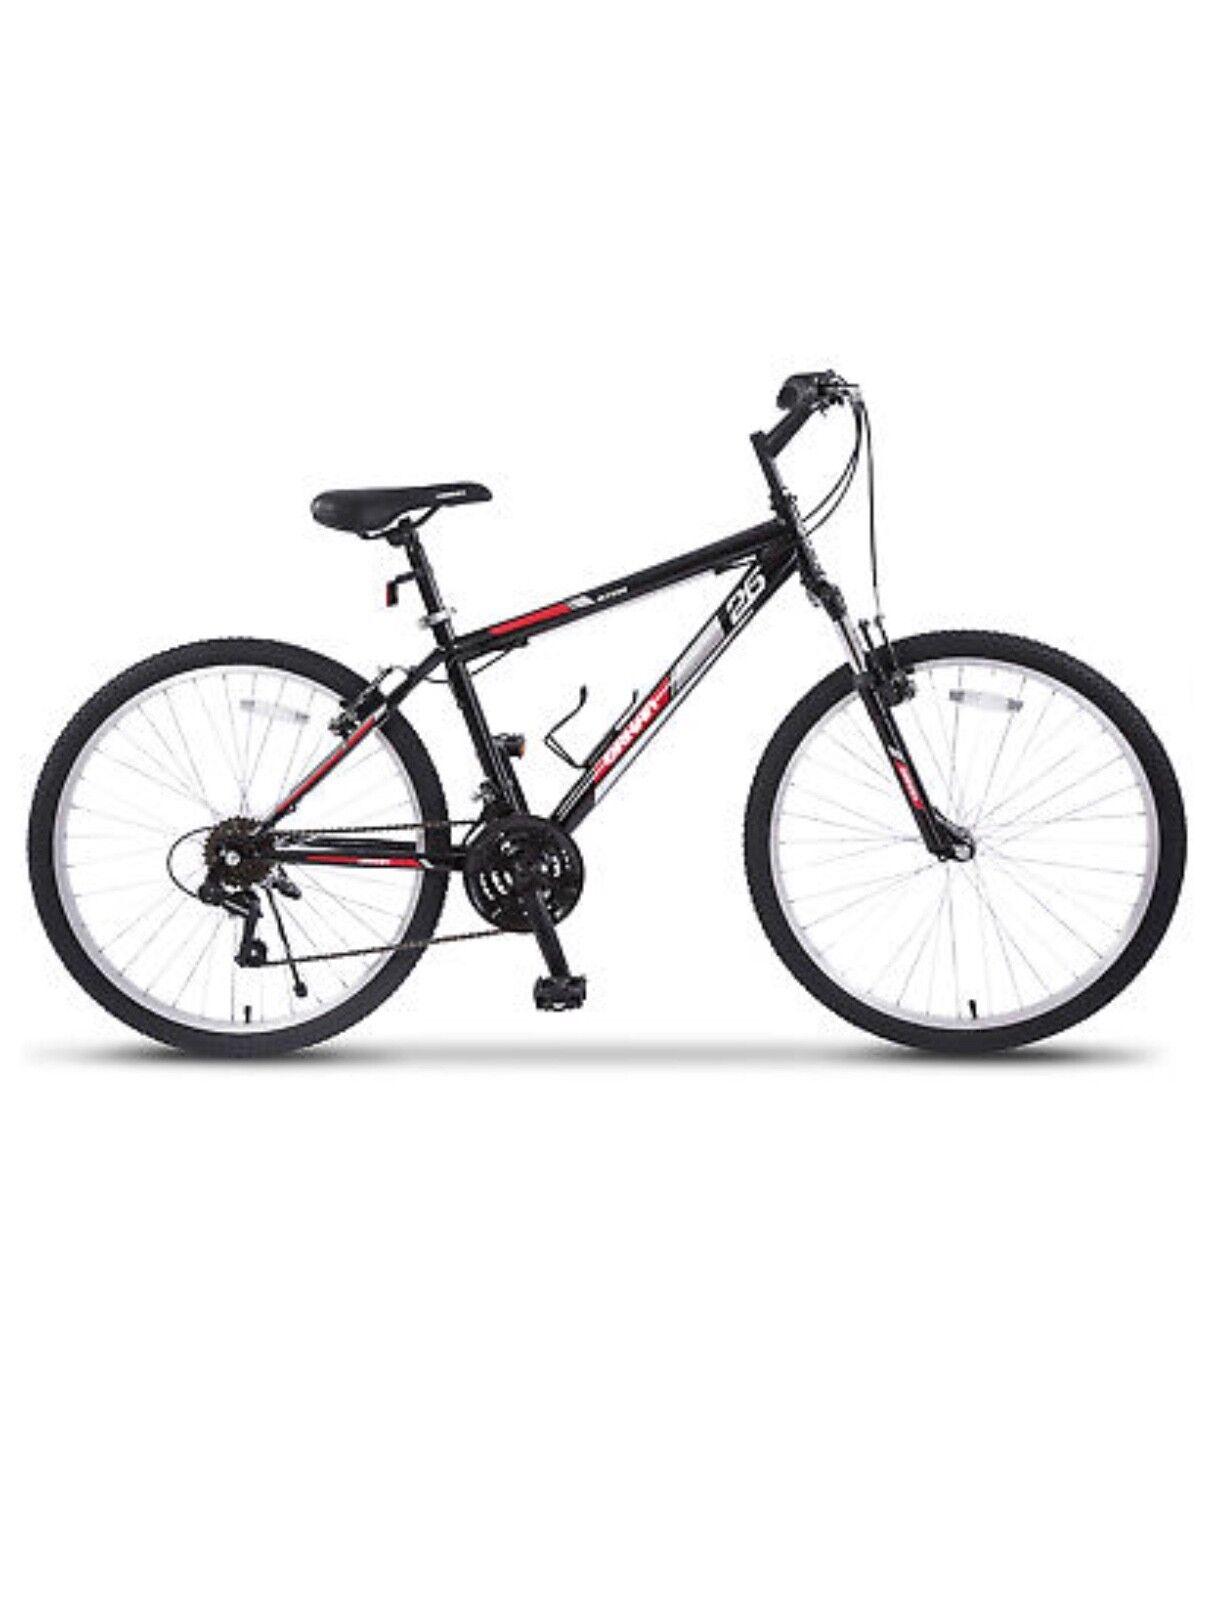 """18 Speed 26"""" Mountain Bike Bicycle Shimano Hybrid Black Red"""